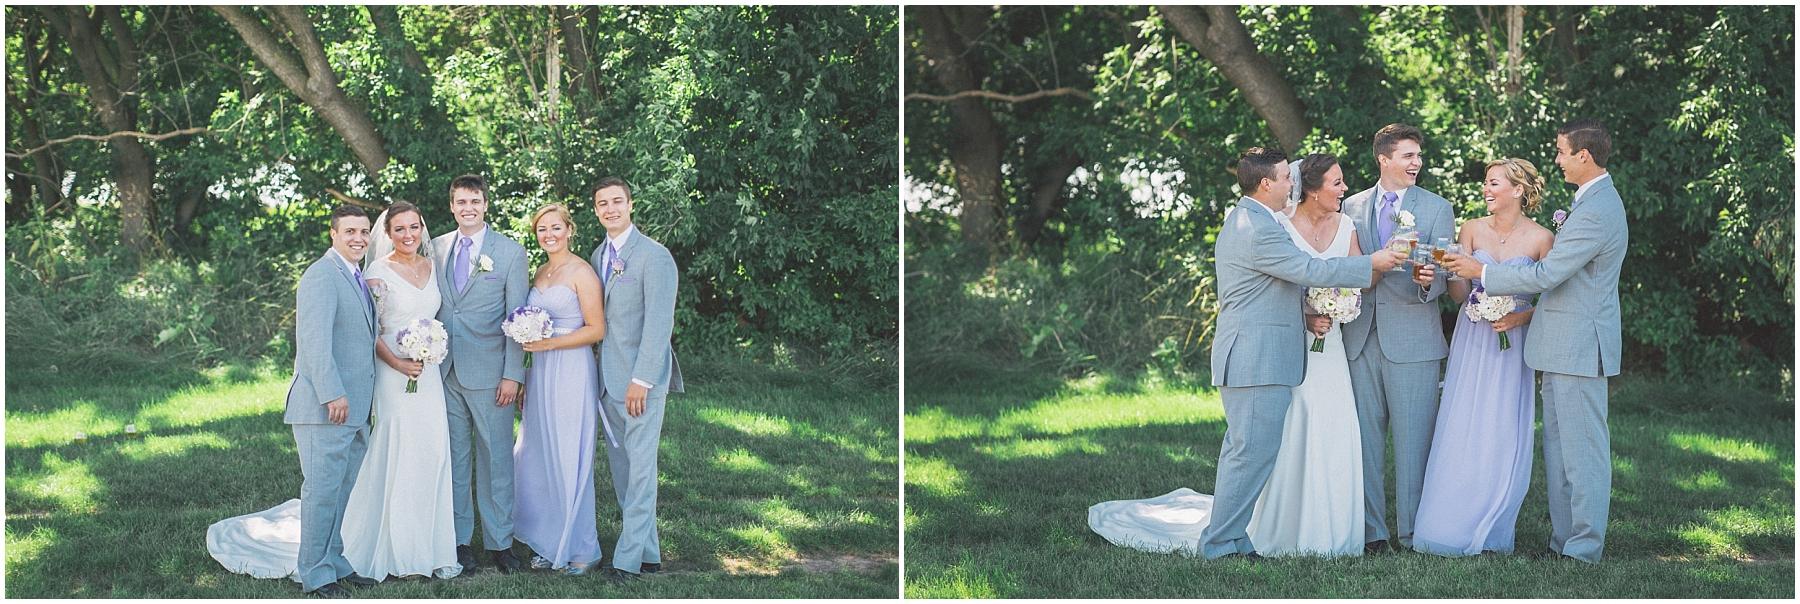 fingerlakesweddingphotography_0358.jpg